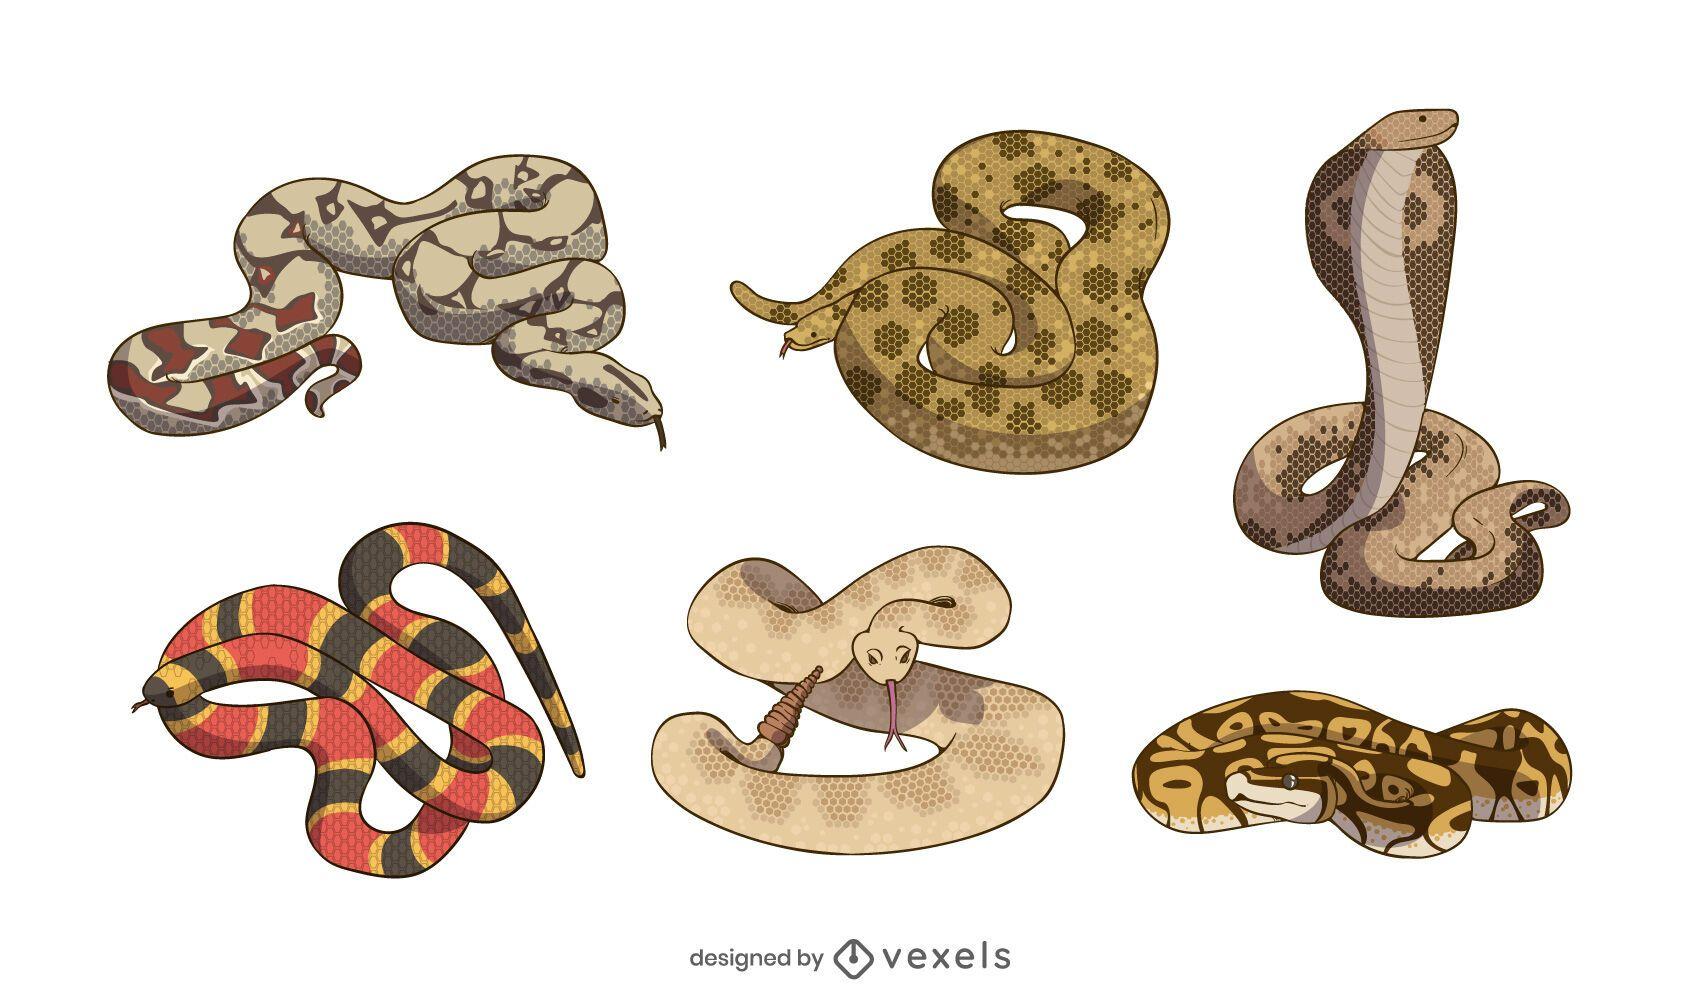 Snake serpent illustration set